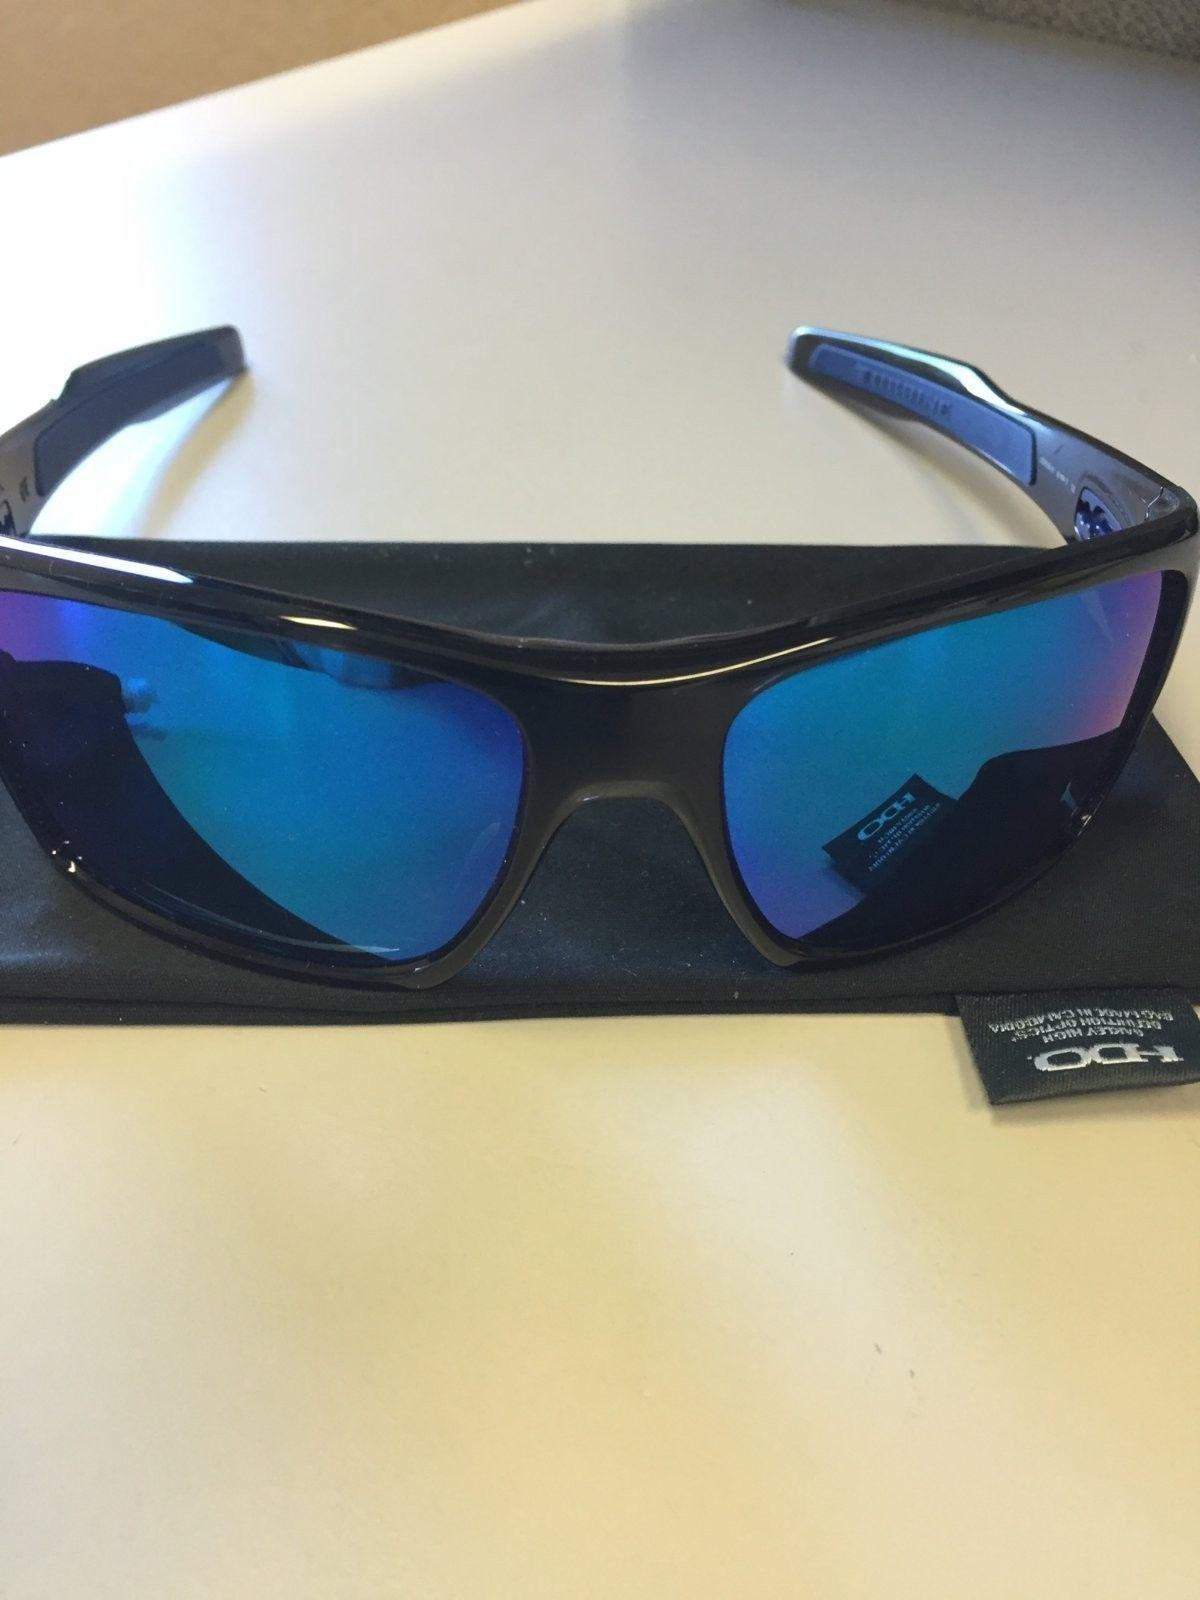 oakley turbine sunglasses black  mint oakley turbine sunglasses black ink w/ sapphire iridium $90 all in img_1539.